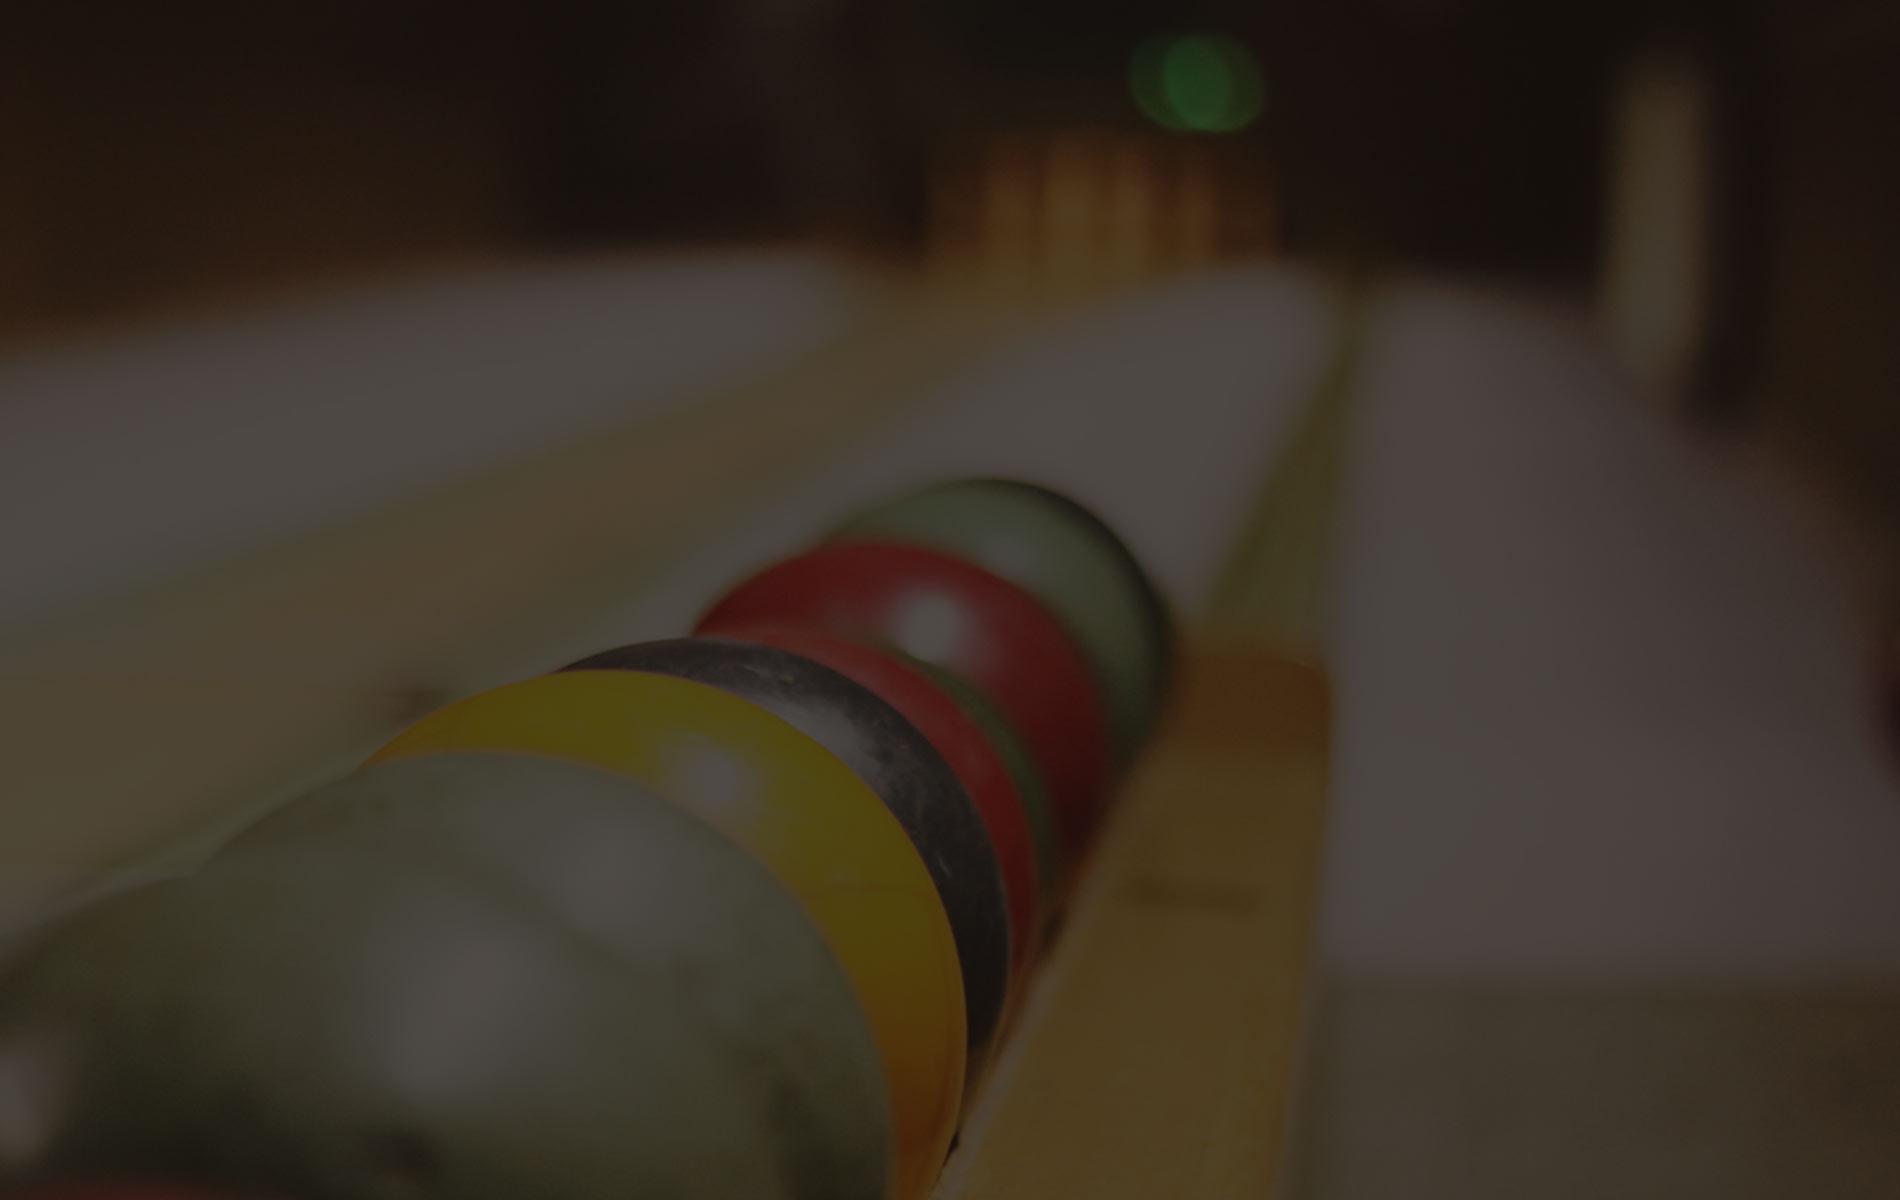 Kegelbahn